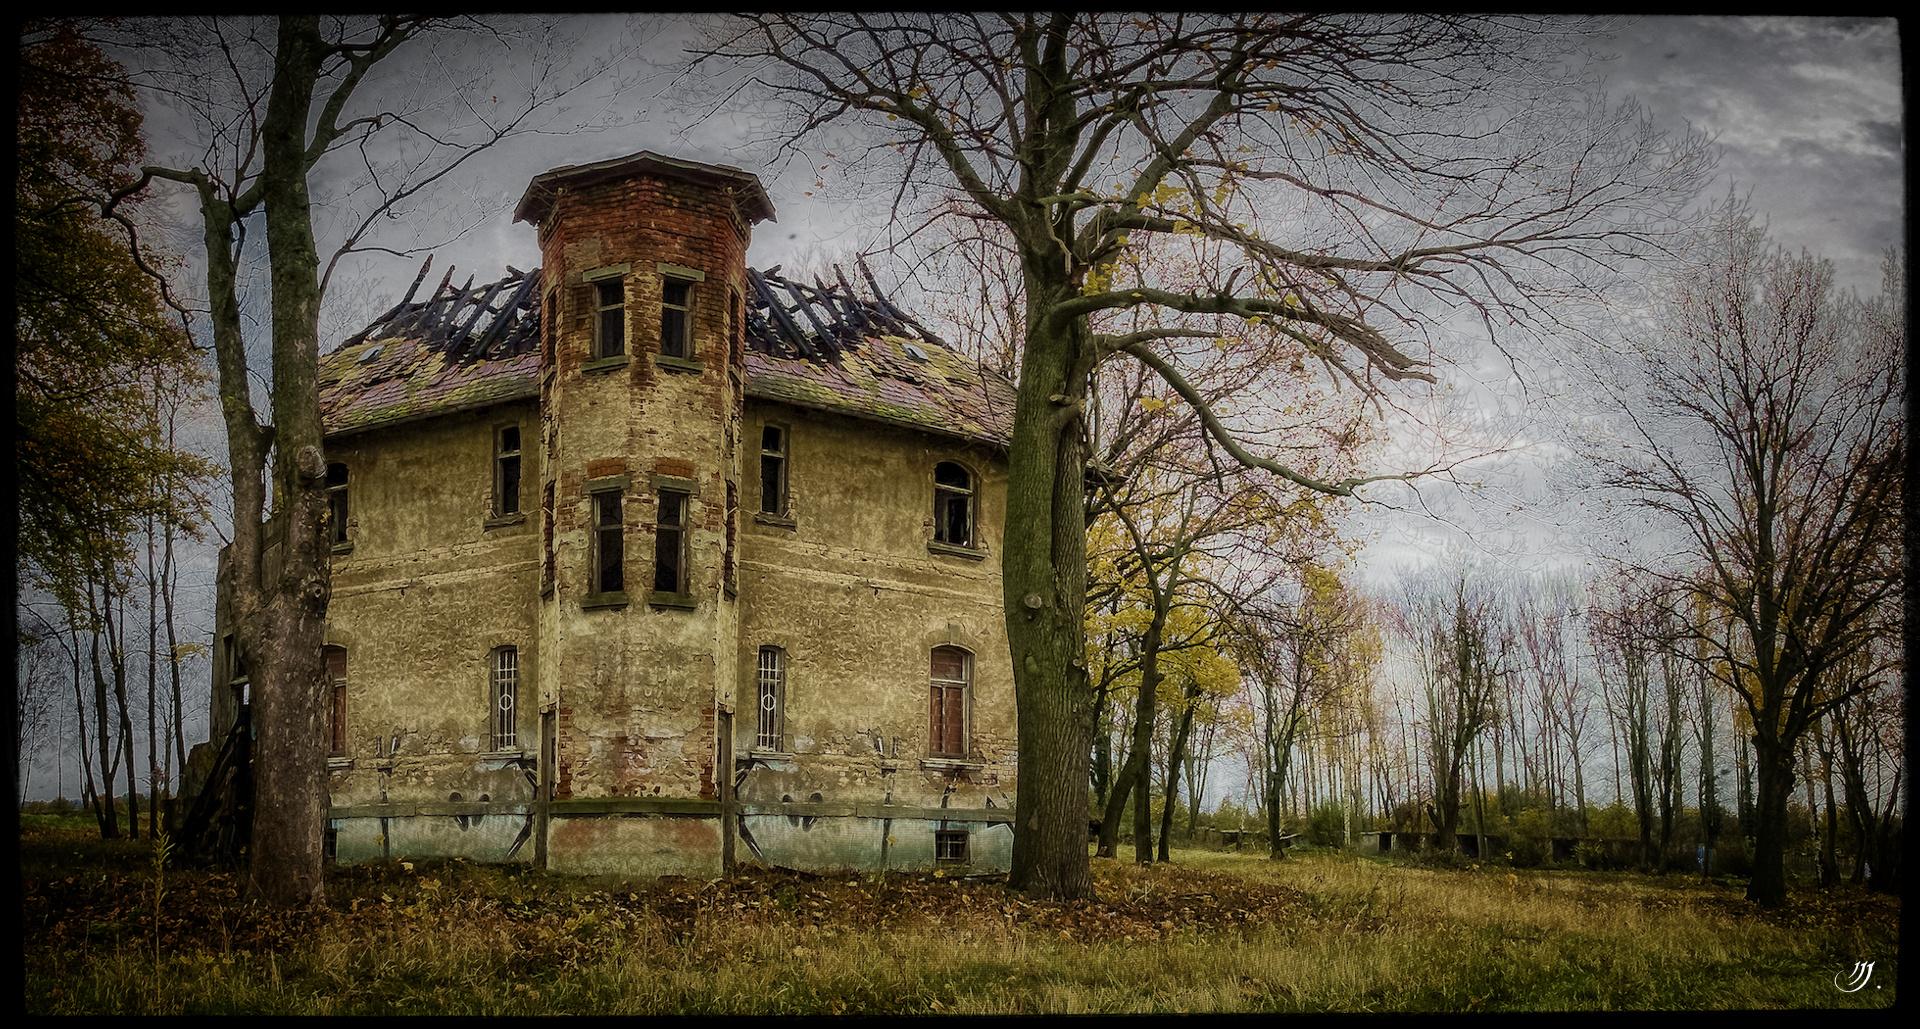 Lindas Haus.